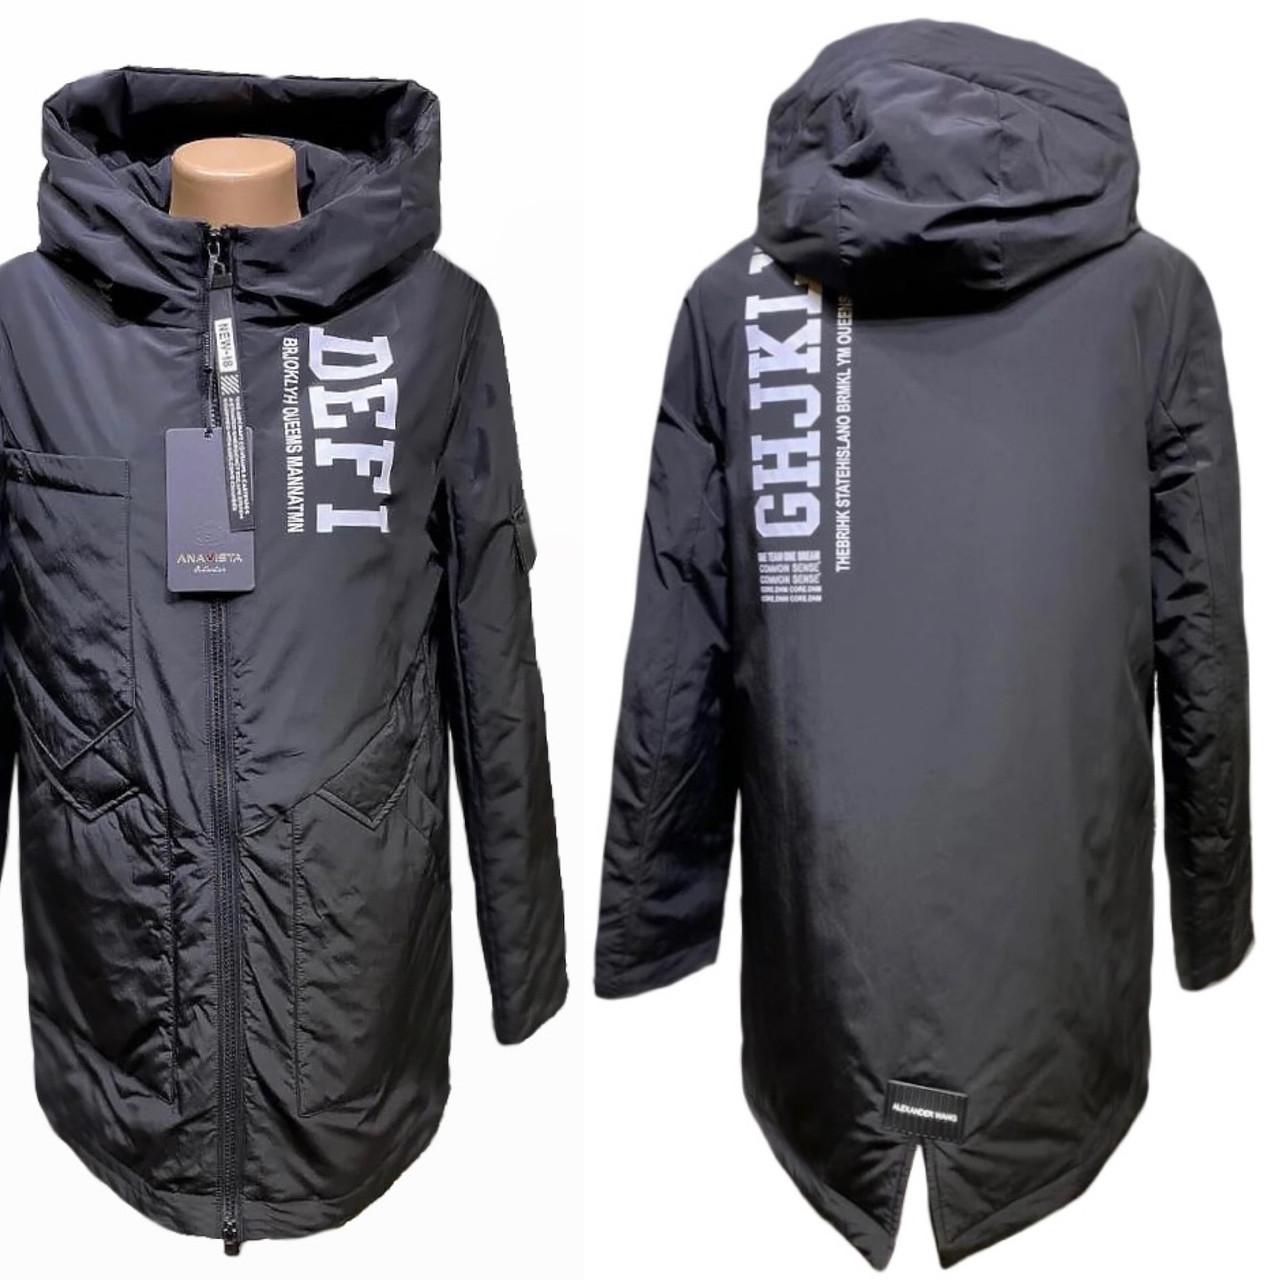 Парка Куртка Женская Ветрозащитная Плащевка. Тинсулейт Фабричный Китай Размер L 46